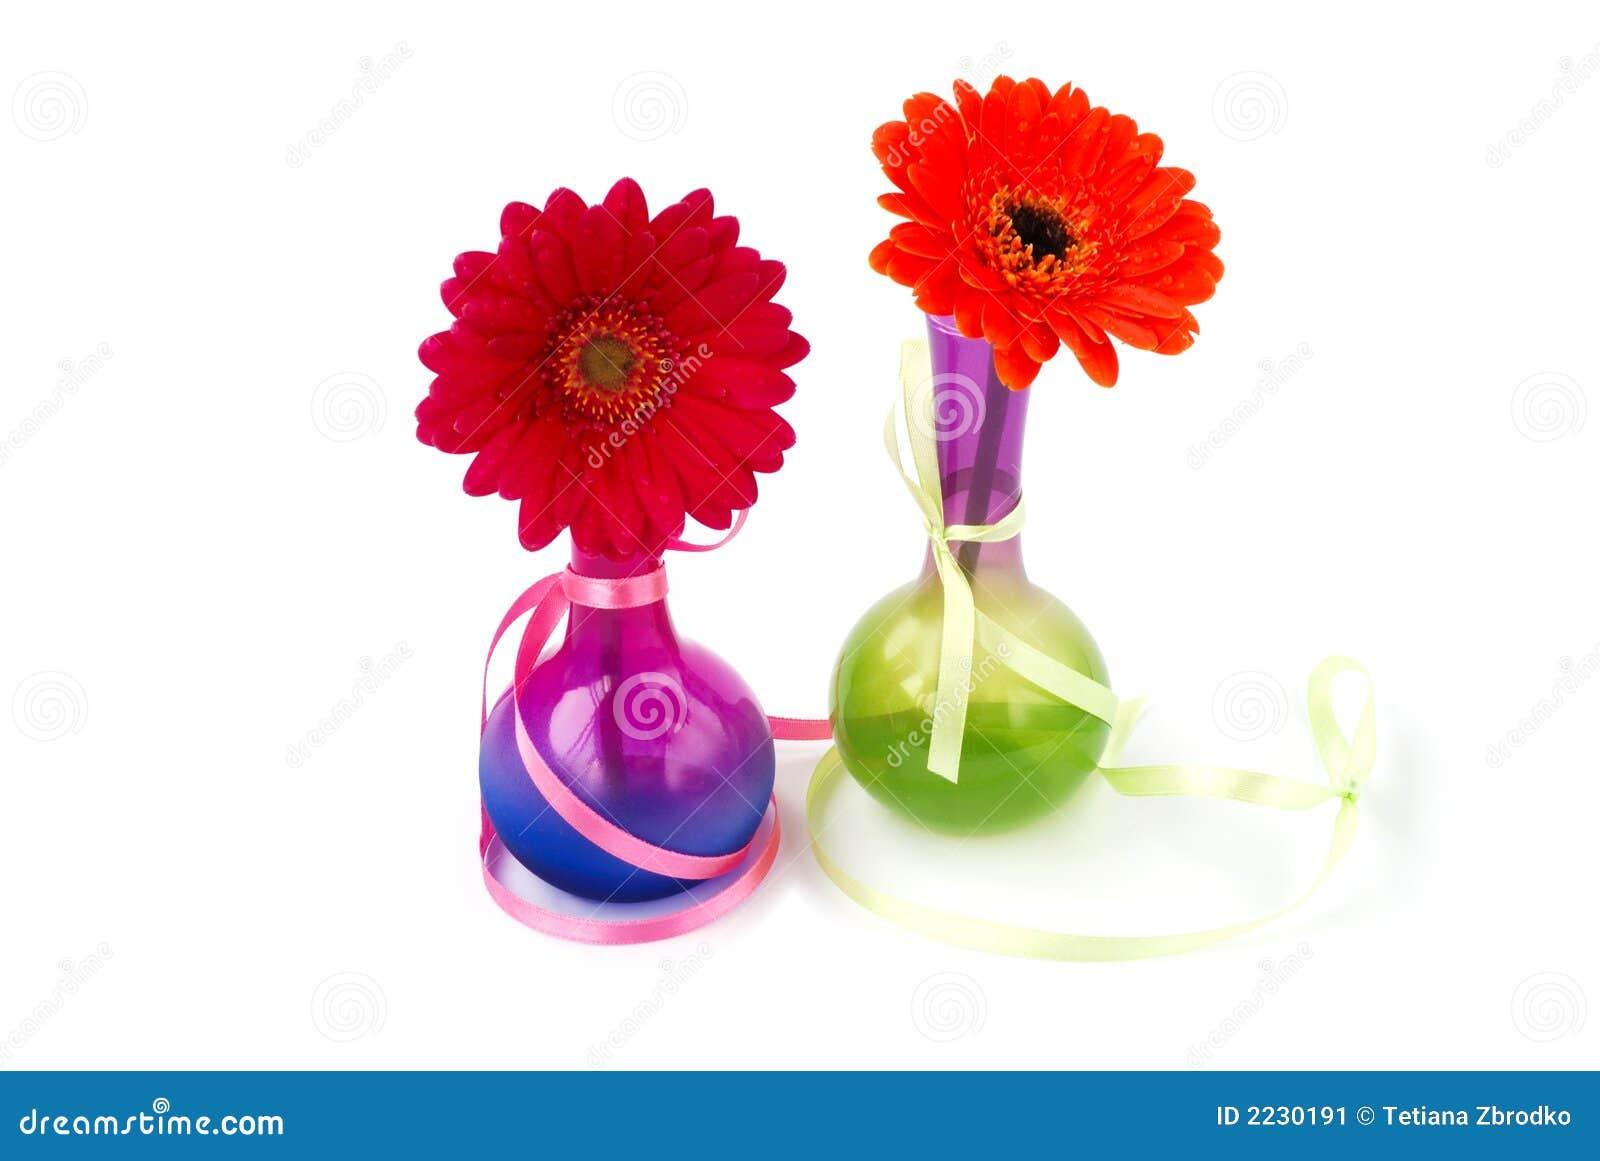 Vases gerberas